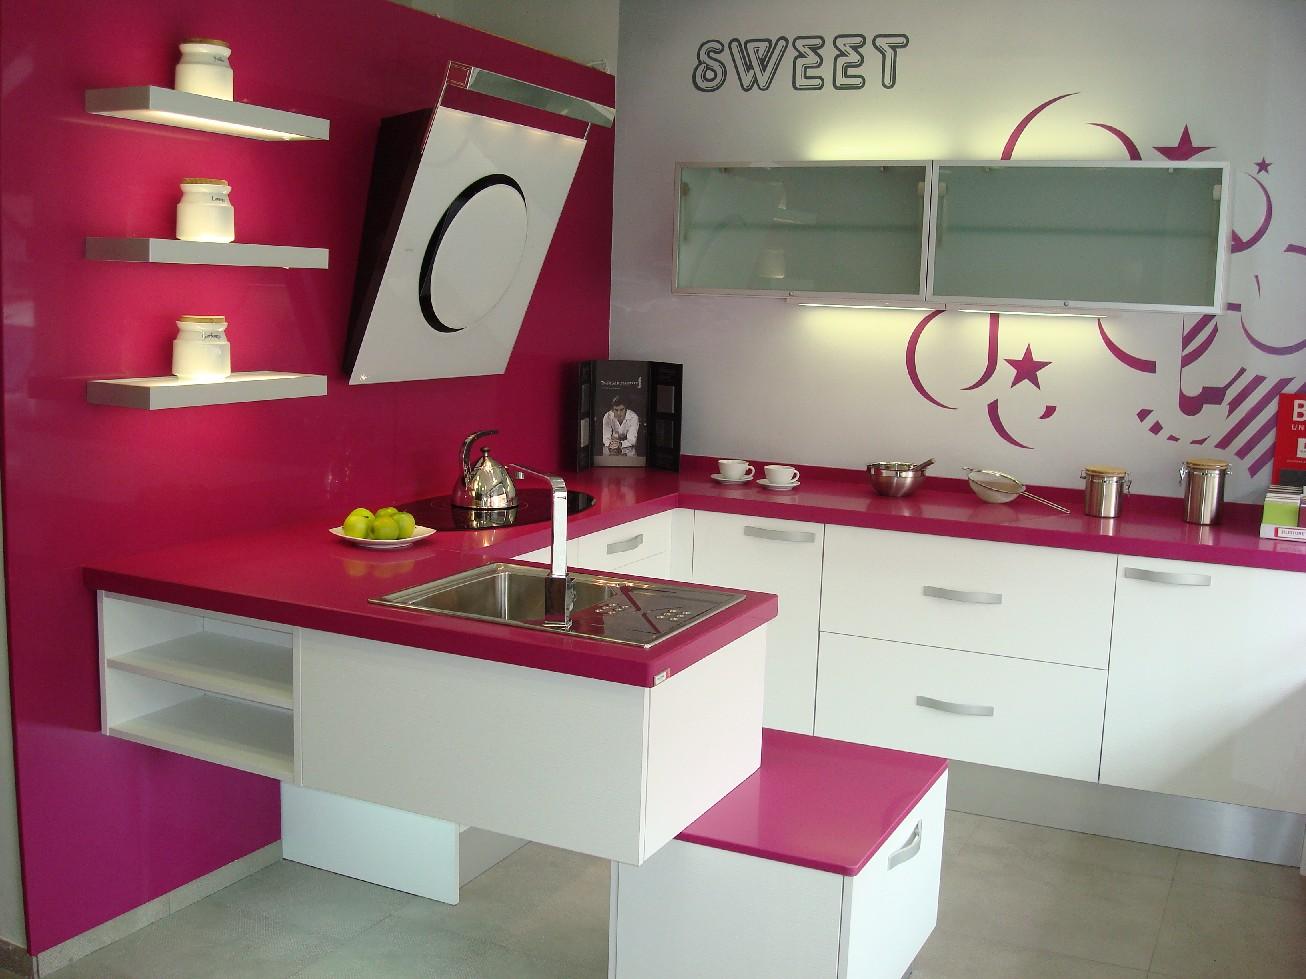 Dise o y decoraci n de cocinas encimeras por encima de - Decoracion pared cocina ...